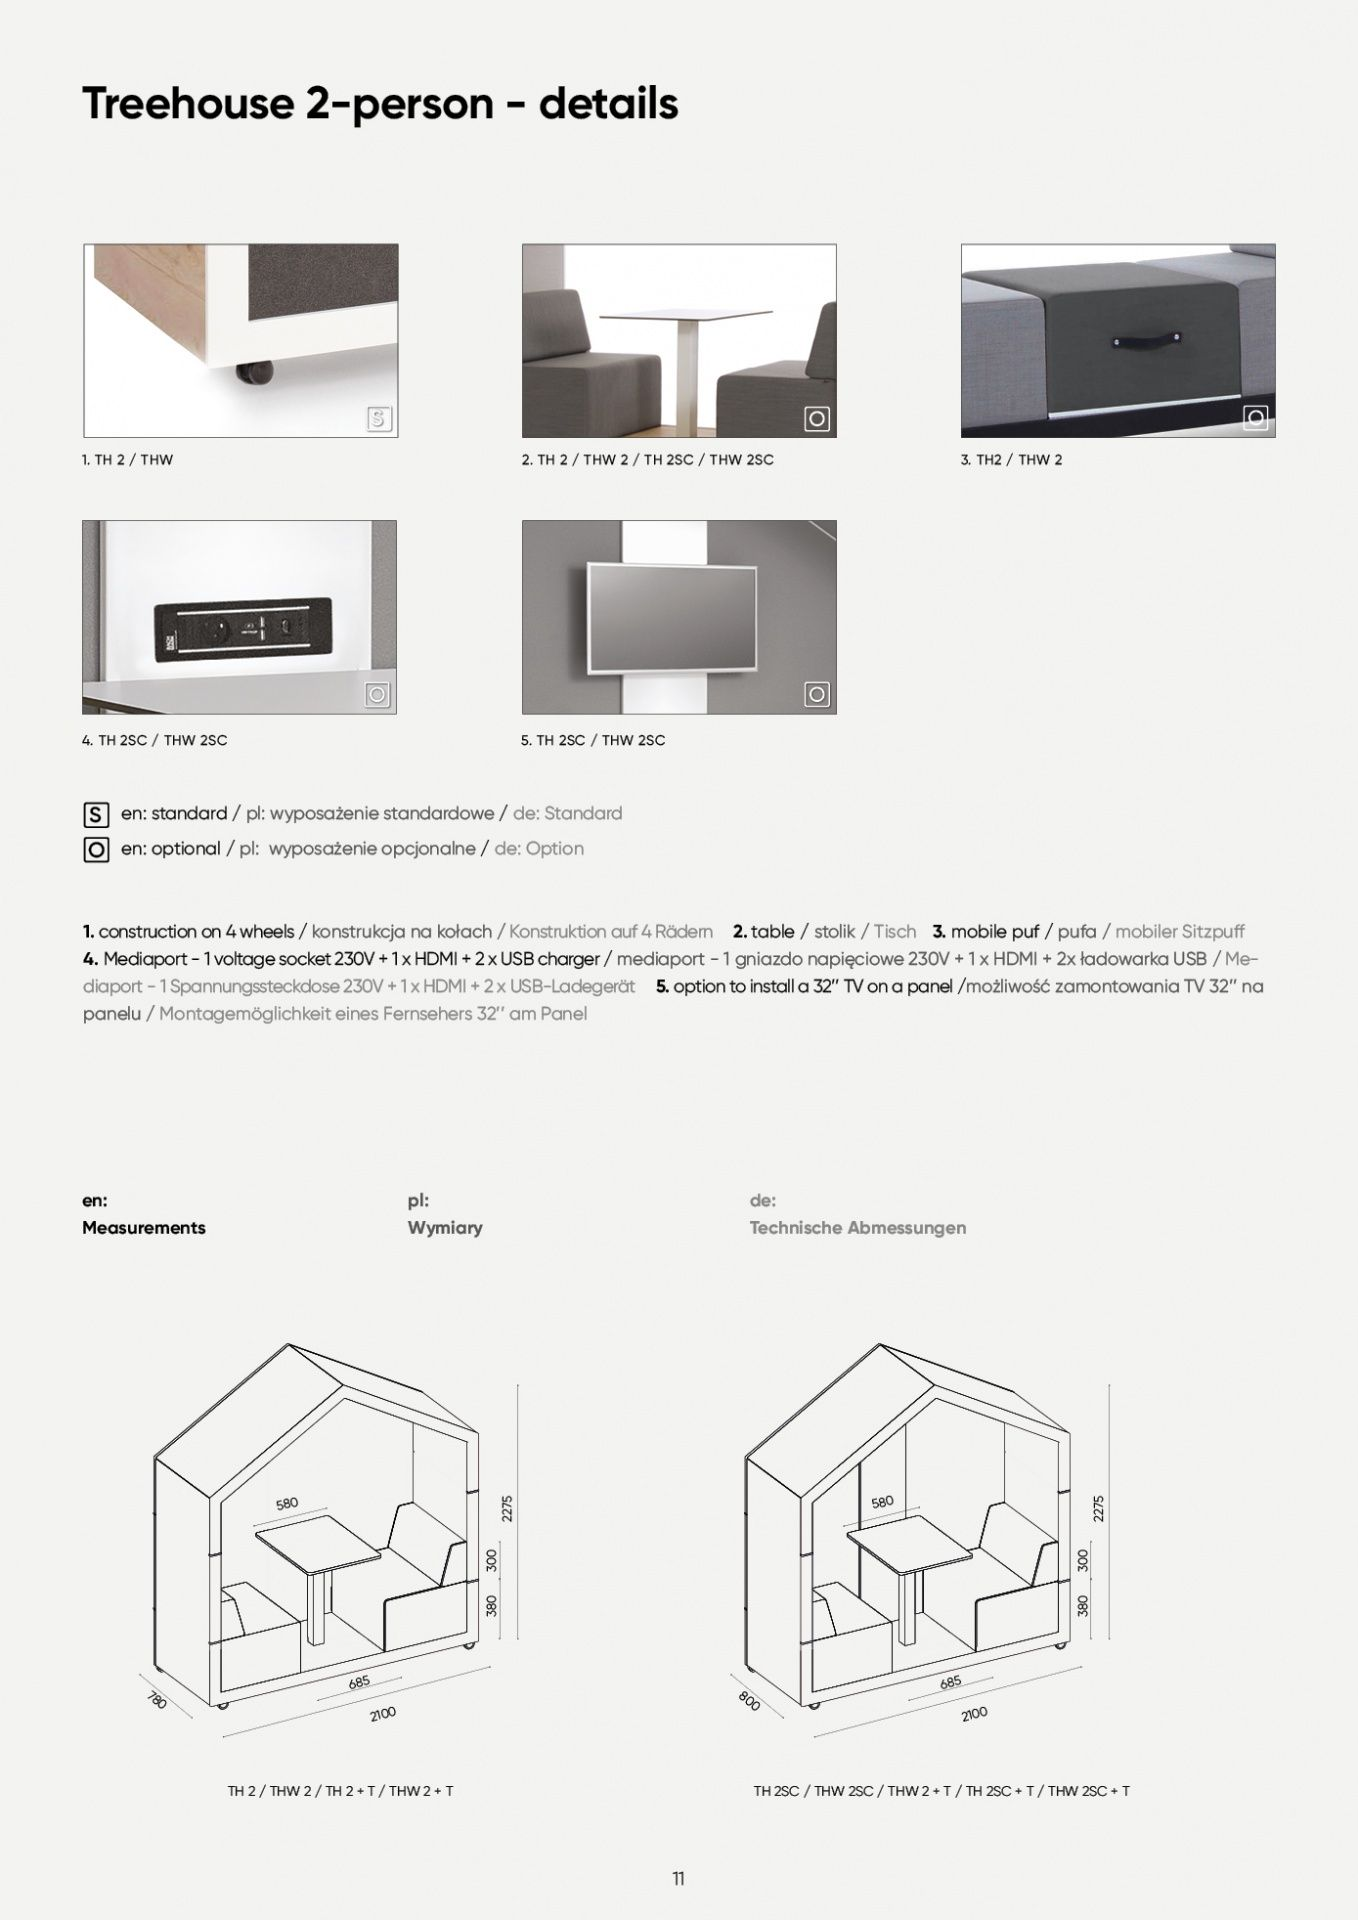 treehouse-catalogue-11.jpg